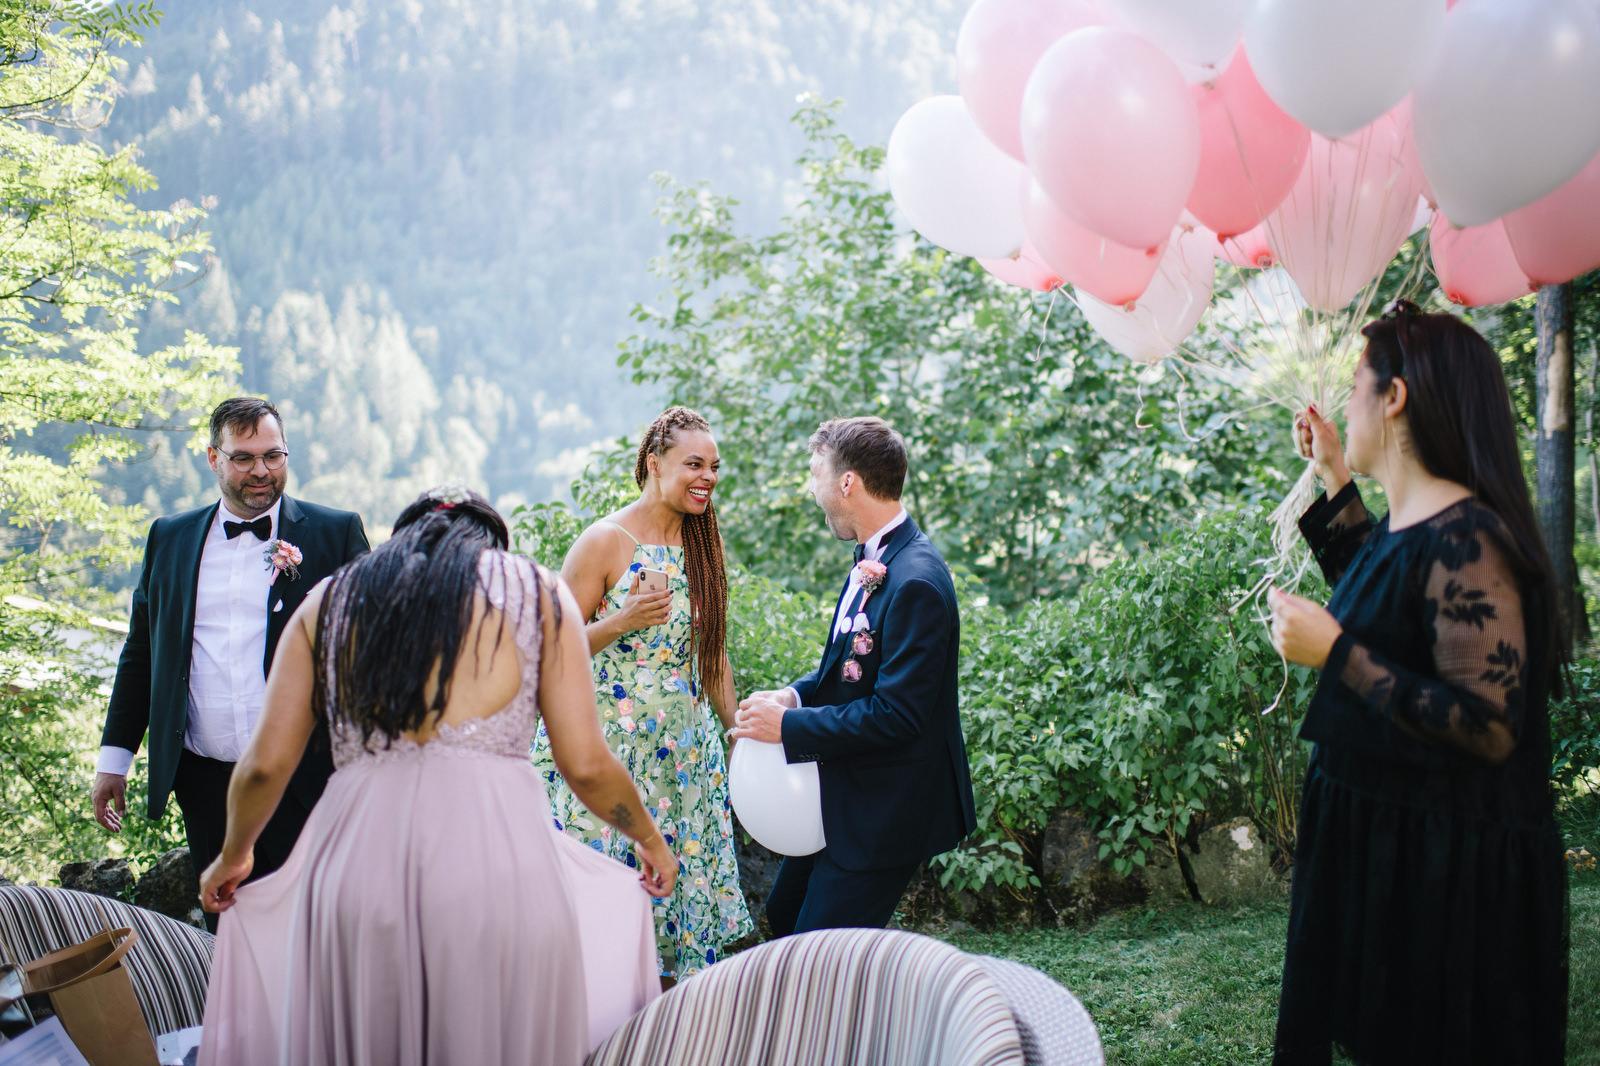 Fotograf Konstanz - Luxus Hochzeit Fotograf Grand Resort Bad Ragaz Schweiz Lichtenstein 117 - Destination wedding at the Grand Resort Bad Ragaz, Swiss  - 174 -